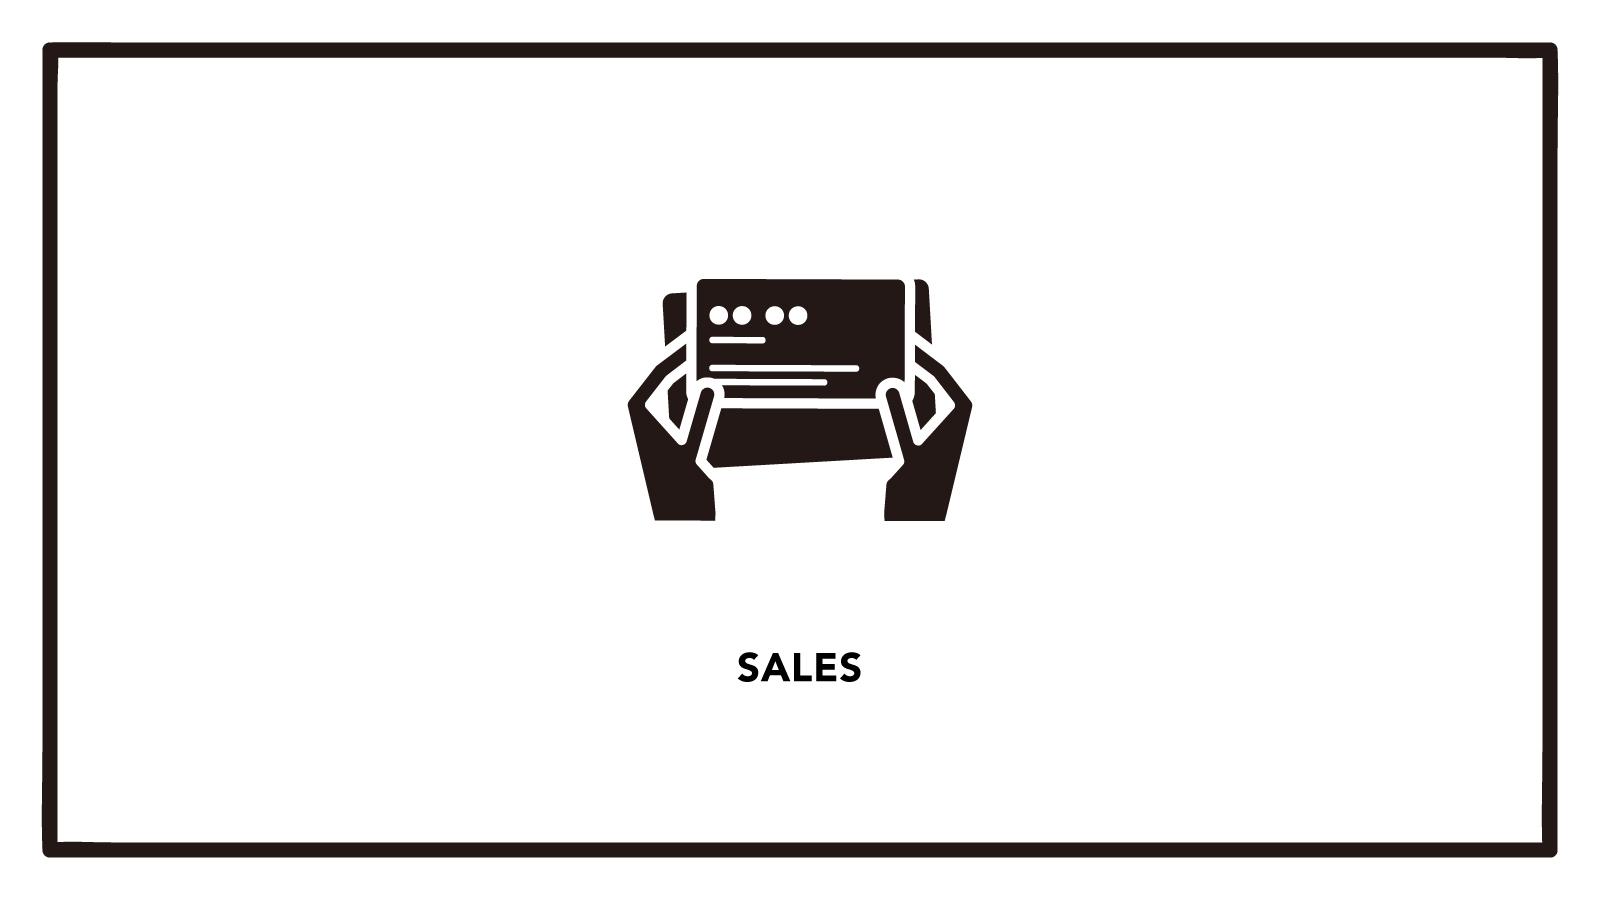 【卸営業】売上だけじゃない!ブランドイメージも大事にできる営業 ※未経験可能のカバー写真